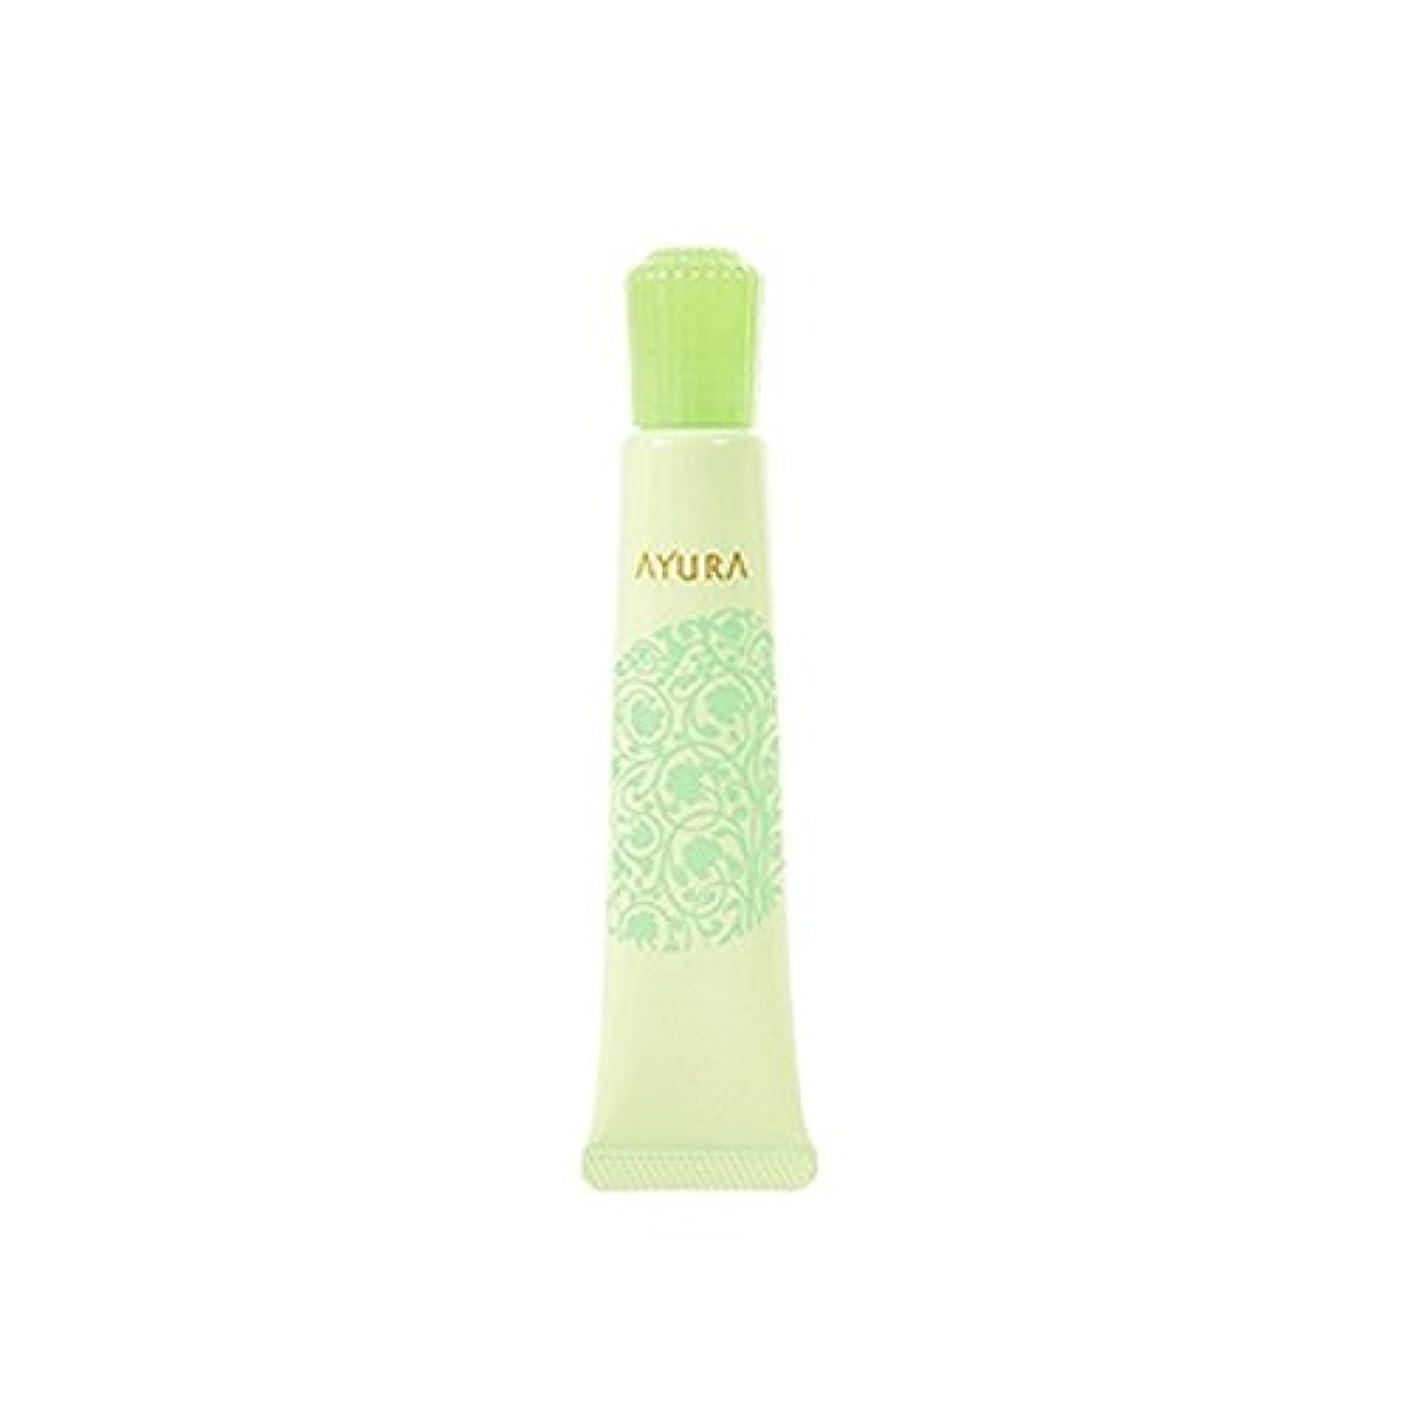 までマーク打ち負かすアユーラ (AYURA) ハンドオアシス 〈ハンド用美容液〉 アロマティックハーブとユーカリの軽やかな香り